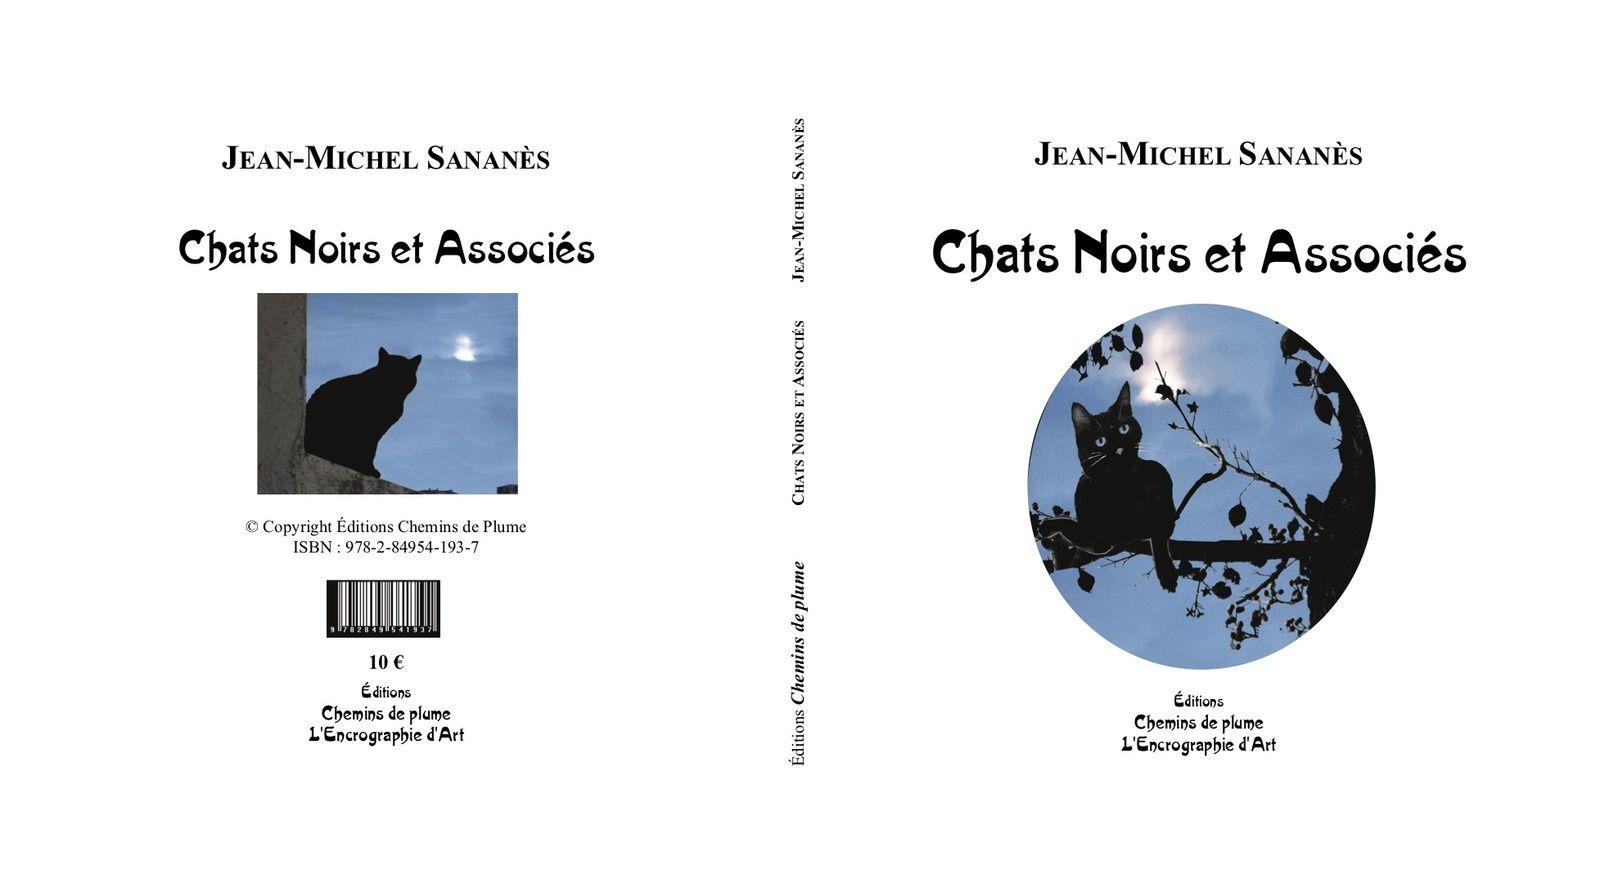 Chats noirs et associés - Jean-Michel Sananès - Poèmes et photos - Éditions Chemins de Plume - 10 euros (frais de port offerts pour commande à partir du site des Éditions Chemins de Plume)